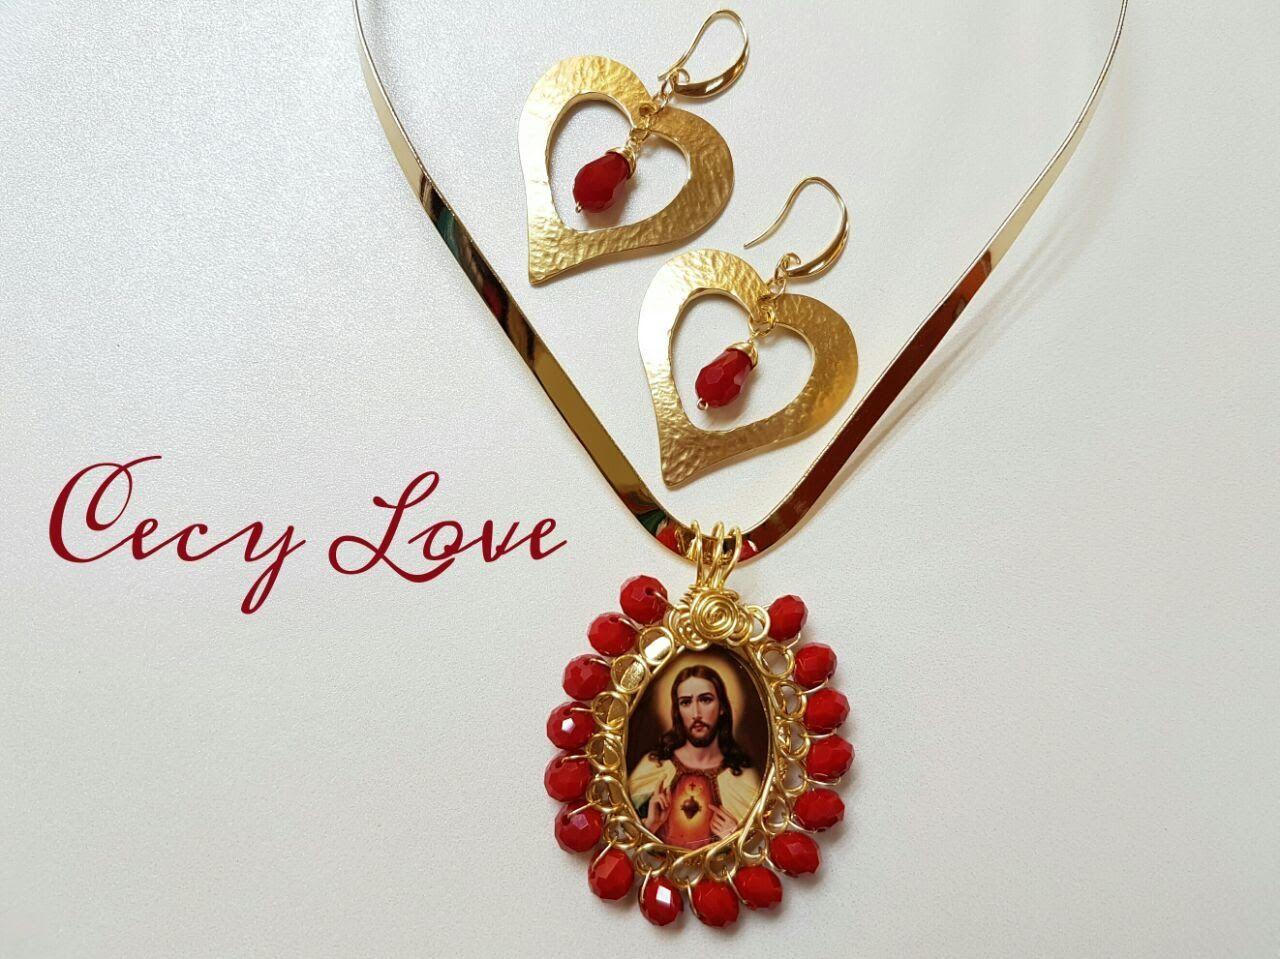 c9693c465cf8 COMO BISELAR UNA MEDALLA! (ALAMBRISMO) Con Cecy Love Bisuteria ...